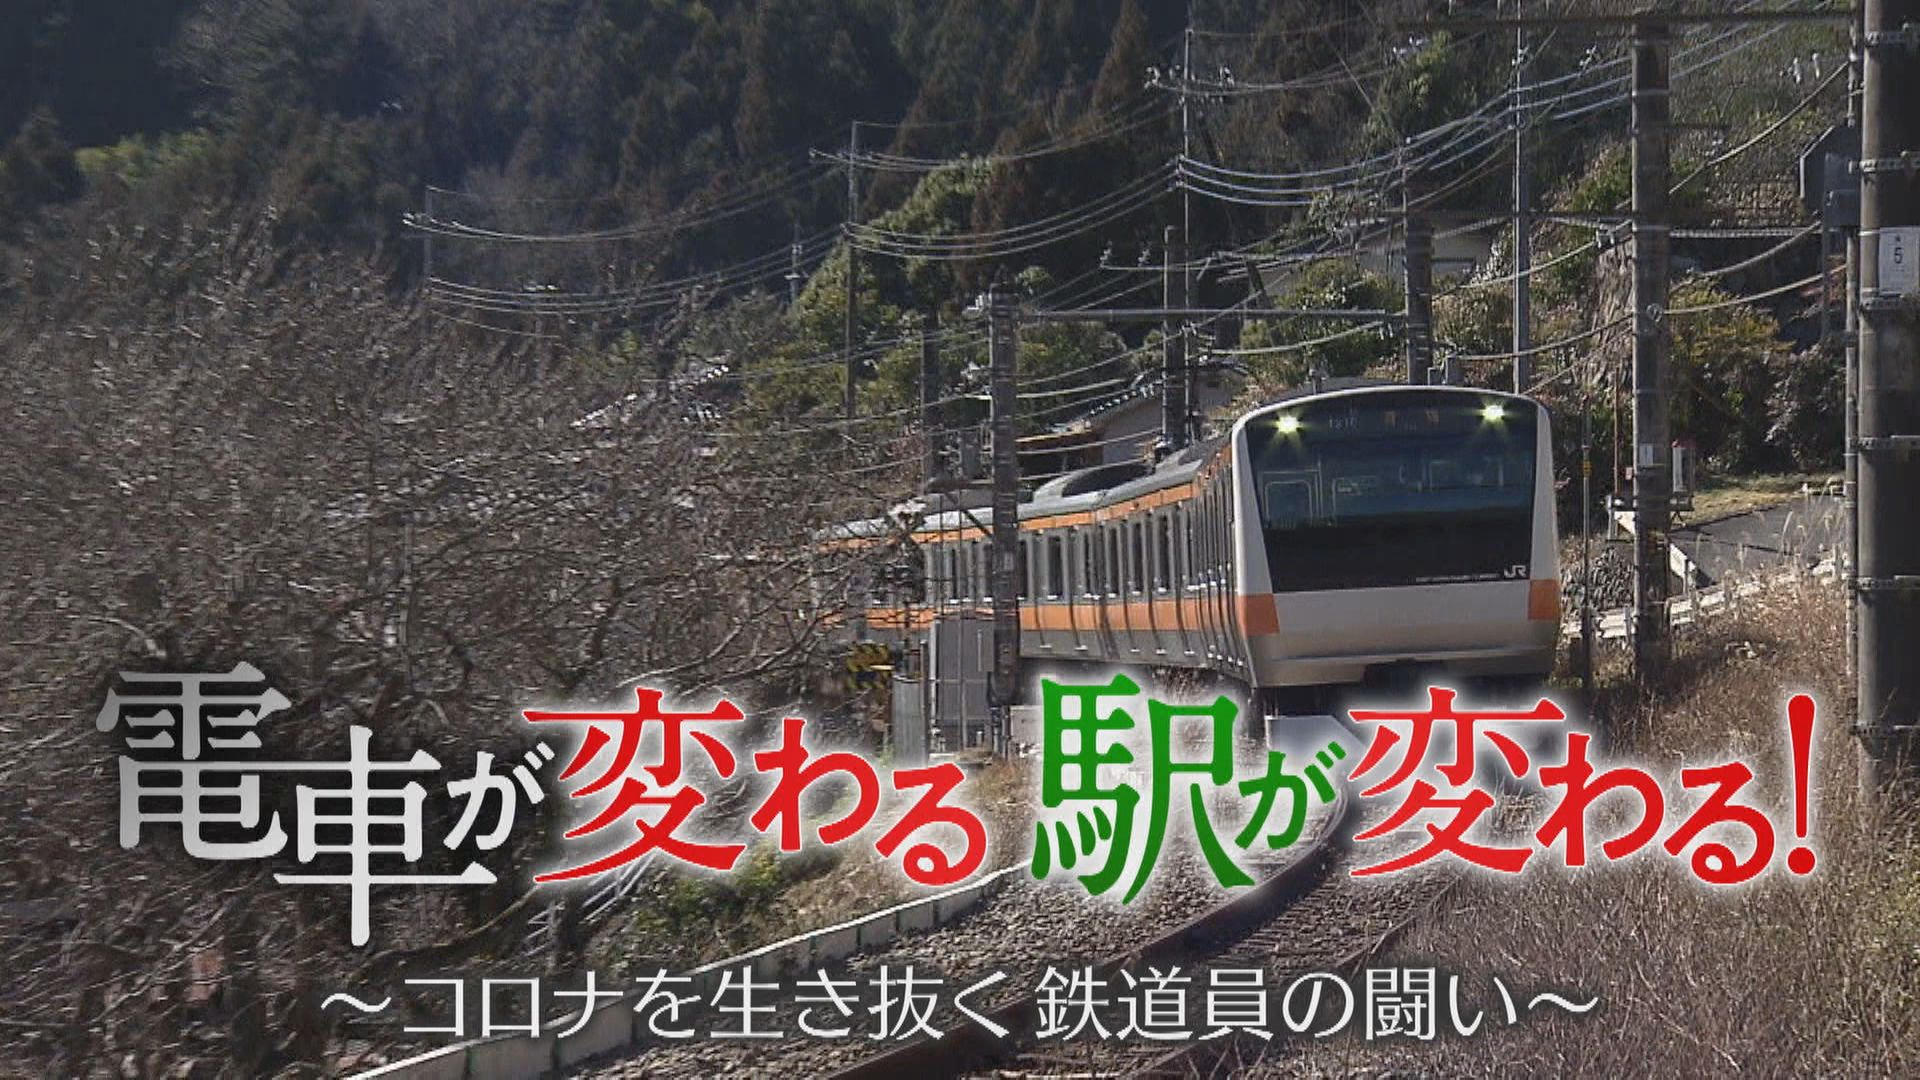 ガイアの夜明け #960 電車が変わる 駅が変わる!